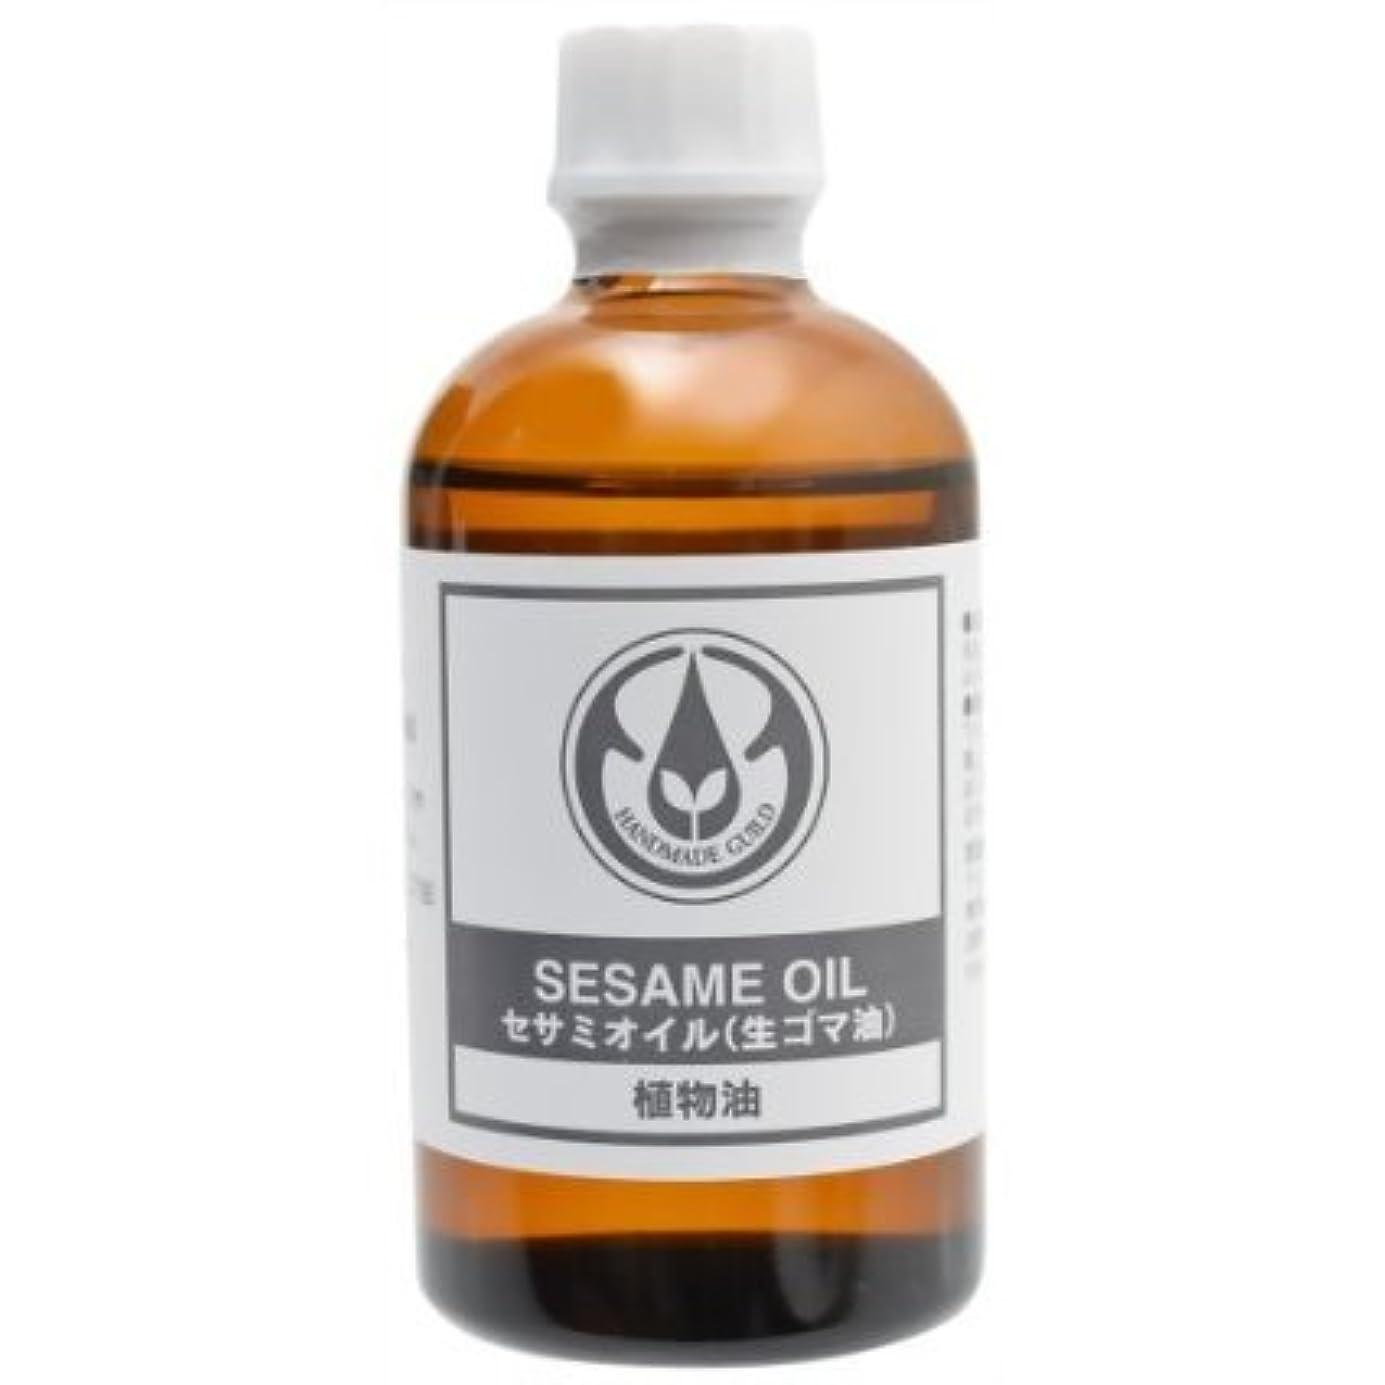 区高潔なビバ生活の木 セサミオイル(生ごま油) 100ml 2本セット